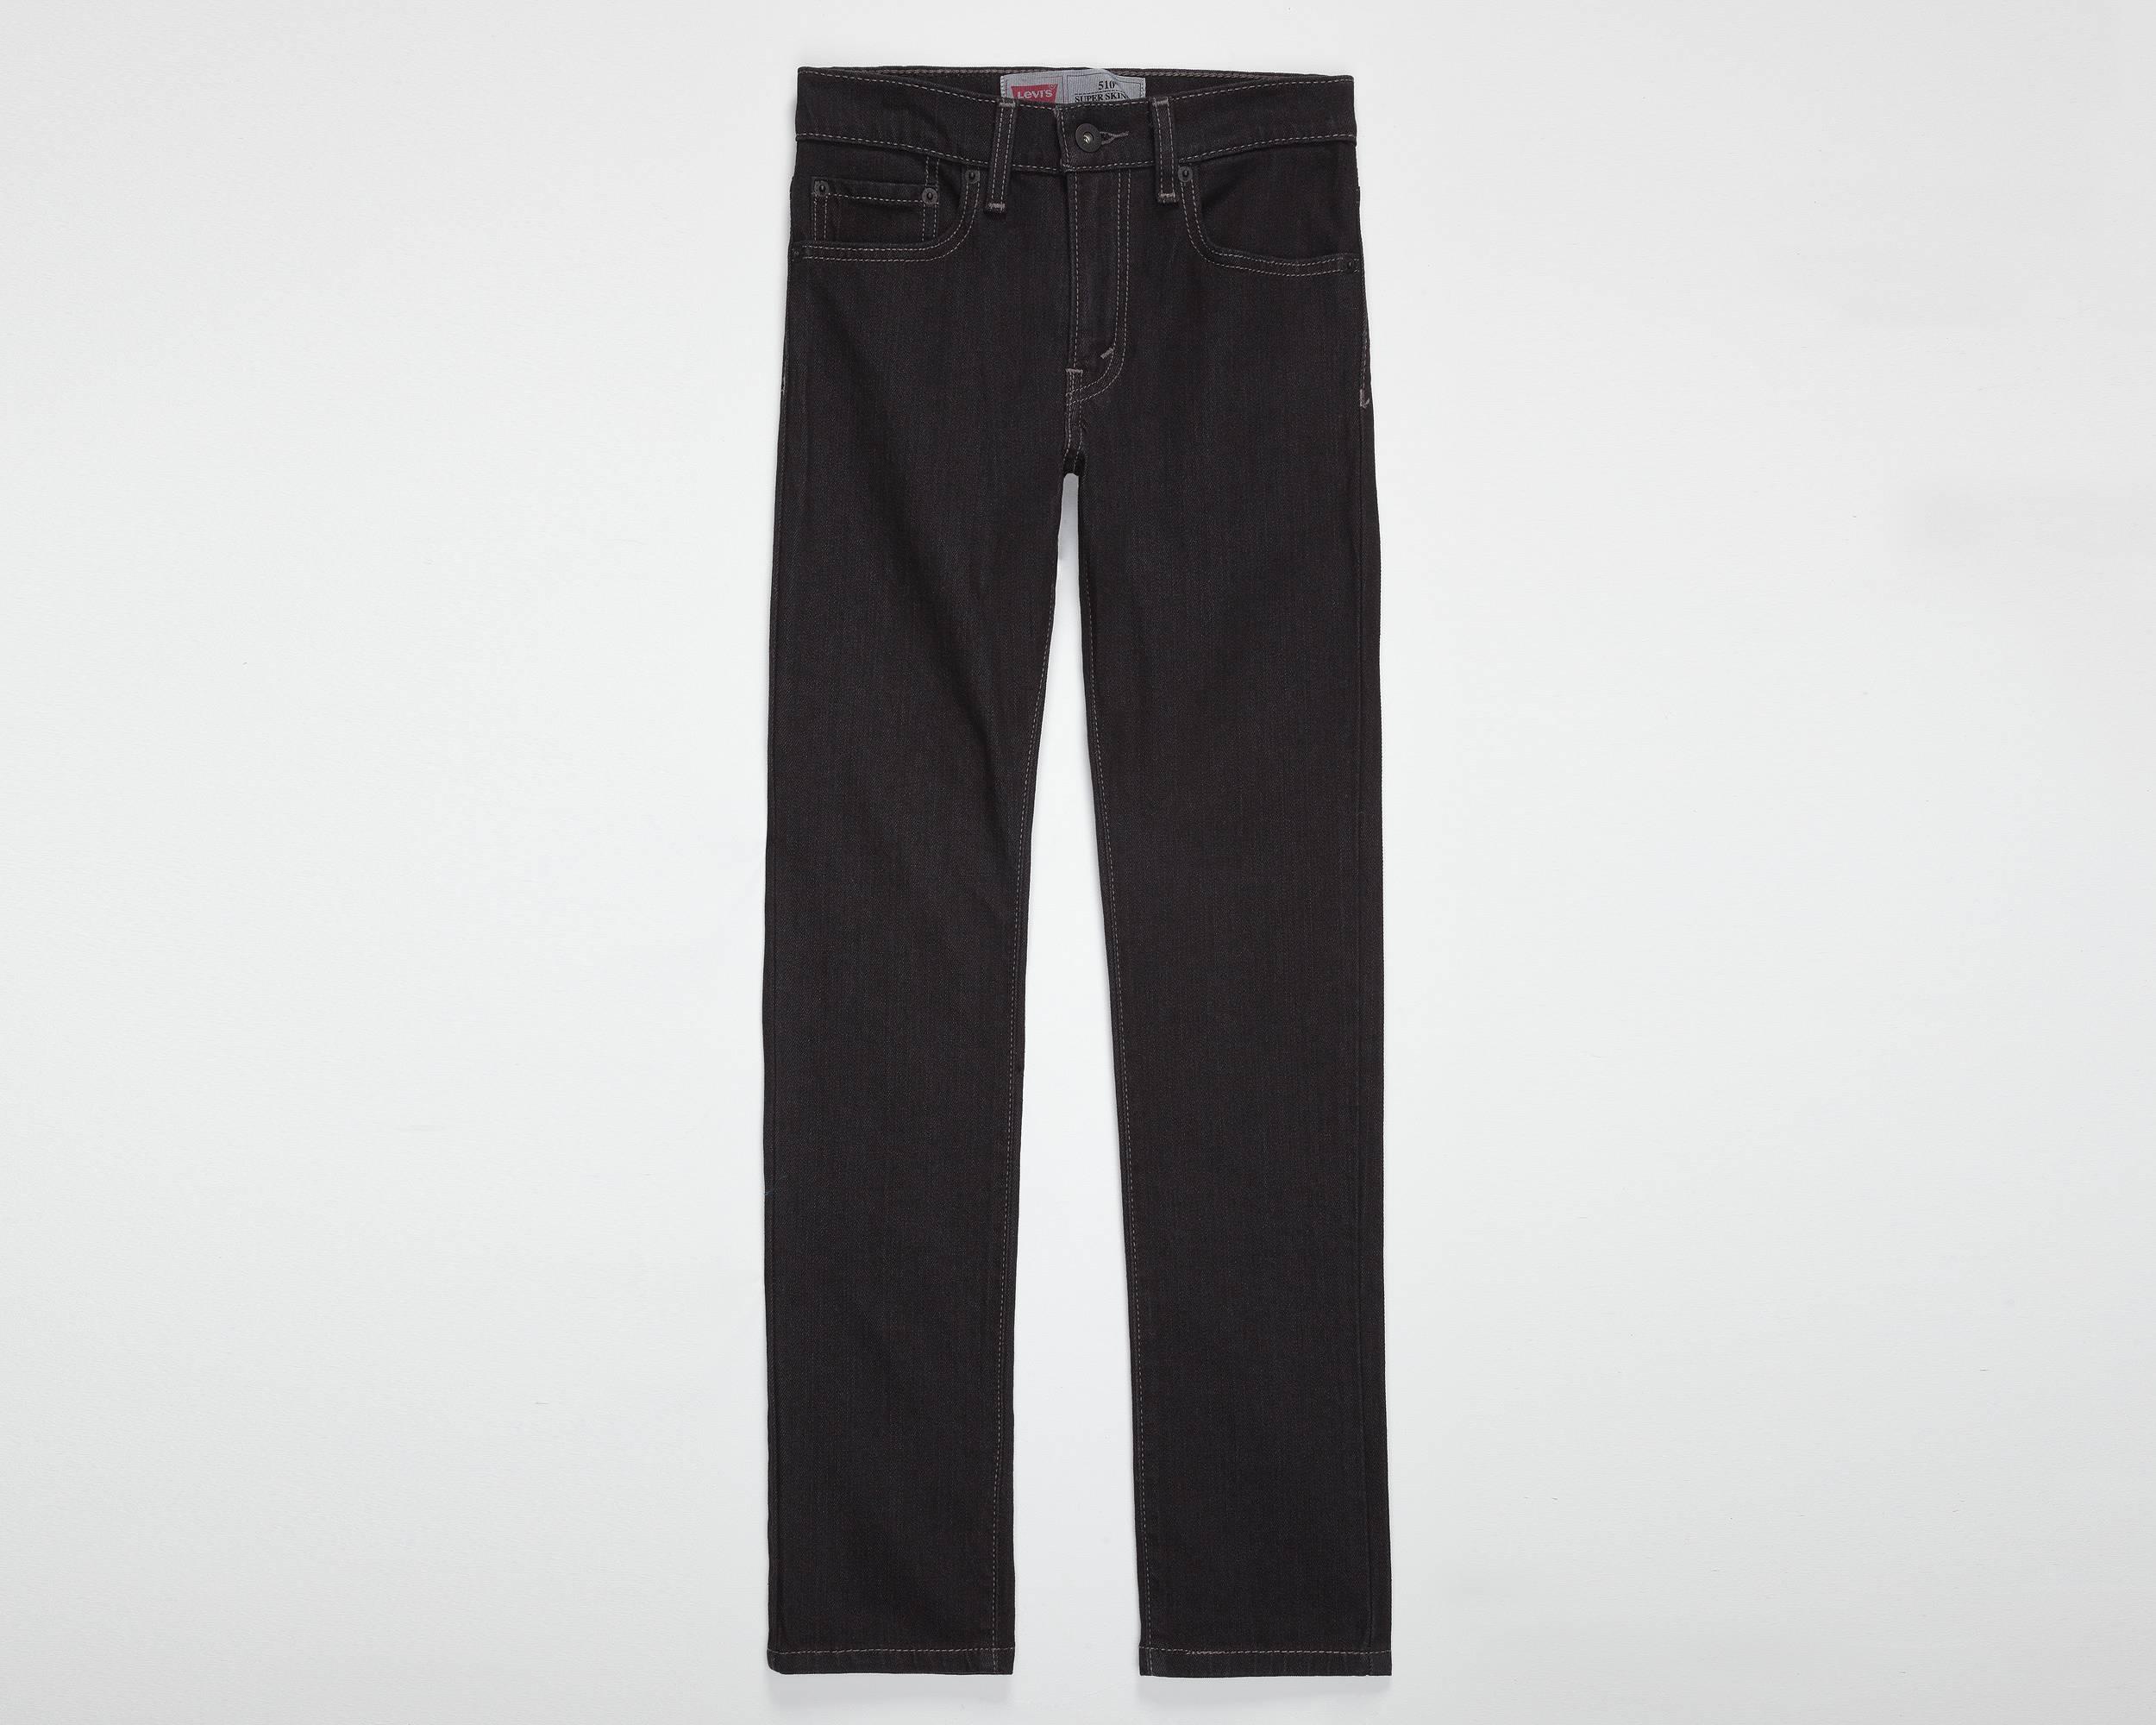 Boys (8-20) 510™ Skinny Fit Jeans | Overdyed Black Stretch ...